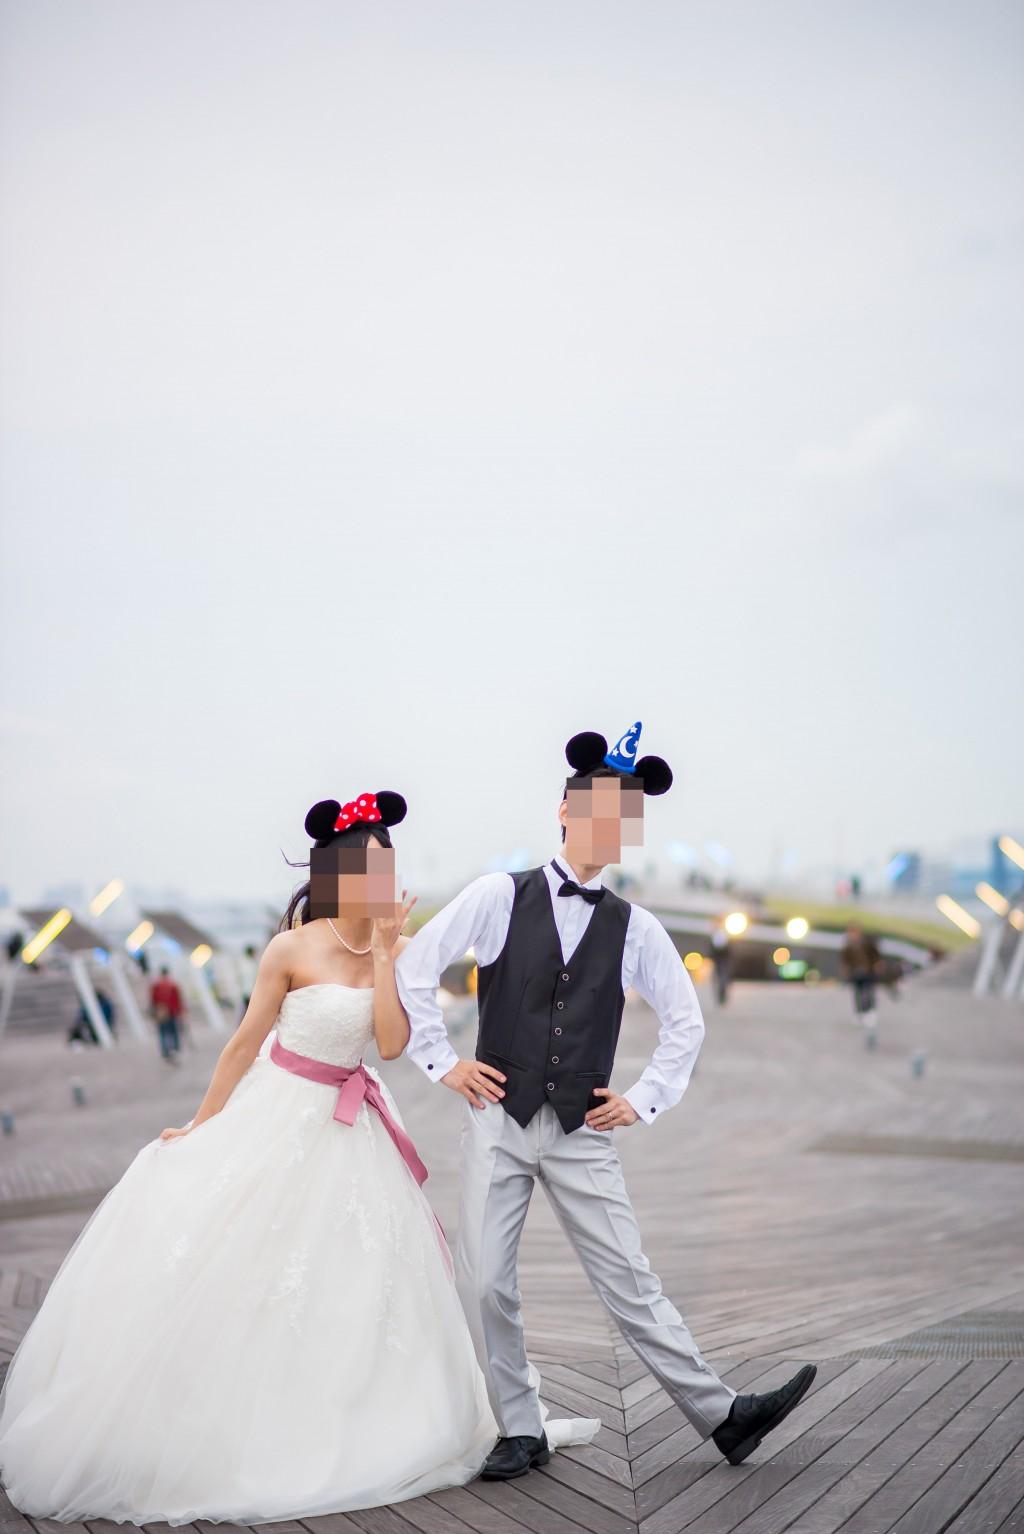 みなとみらい 大さん橋 結婚式前撮り(アニヴェルセルみなとみらい横浜 プレ花嫁)